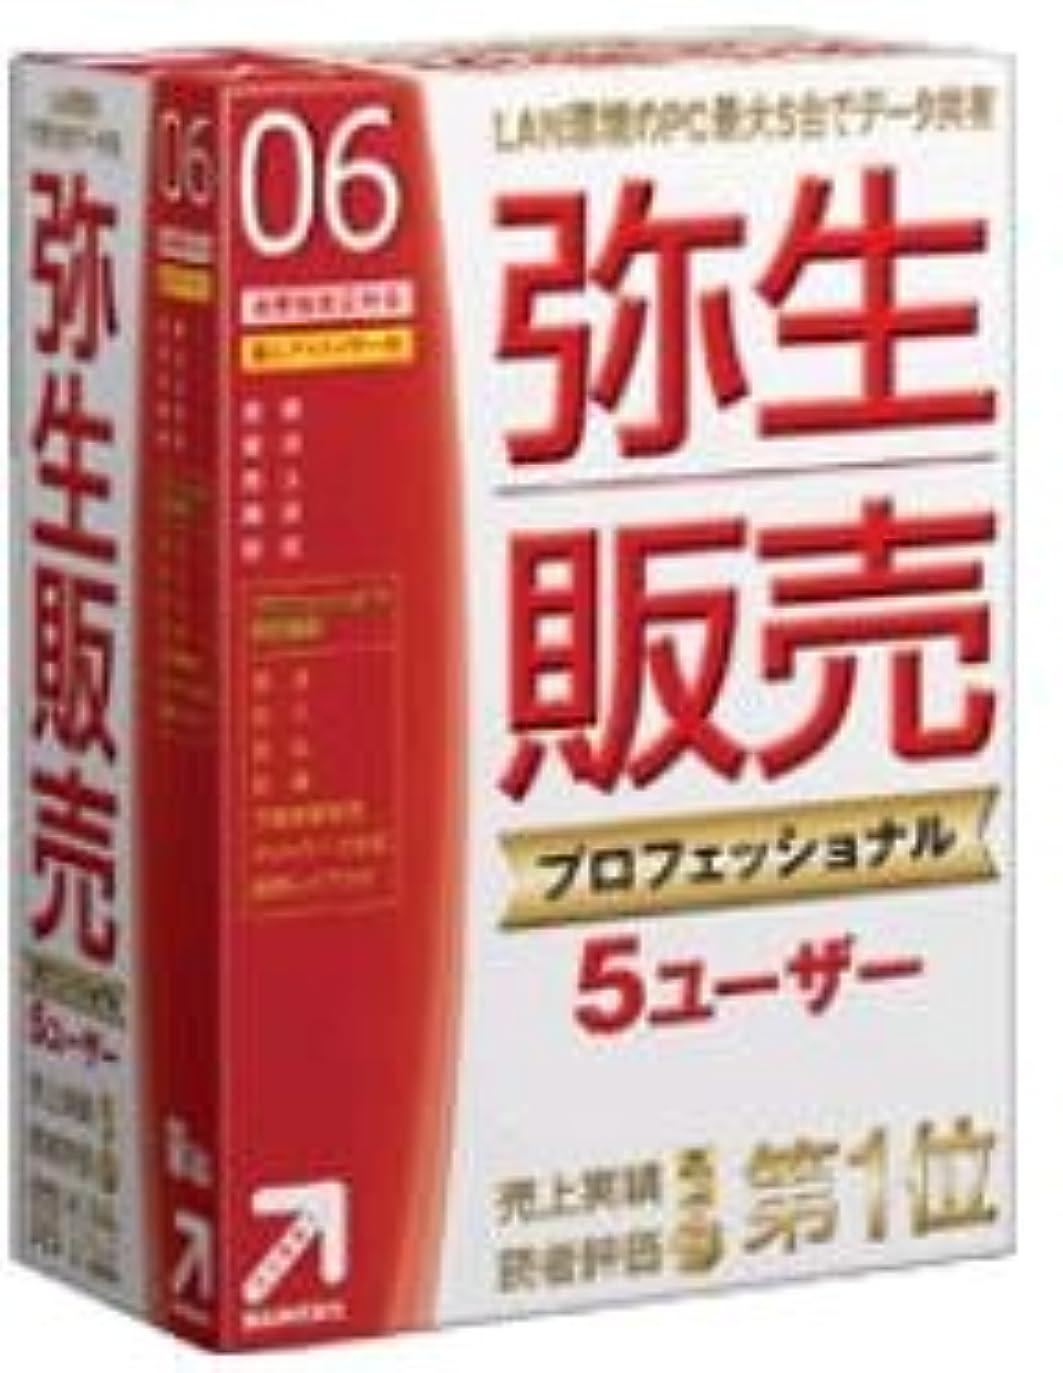 ジェーンオースティン情報脚本【旧商品】弥生販売 プロフェッショナル 06 <5ユーザー>